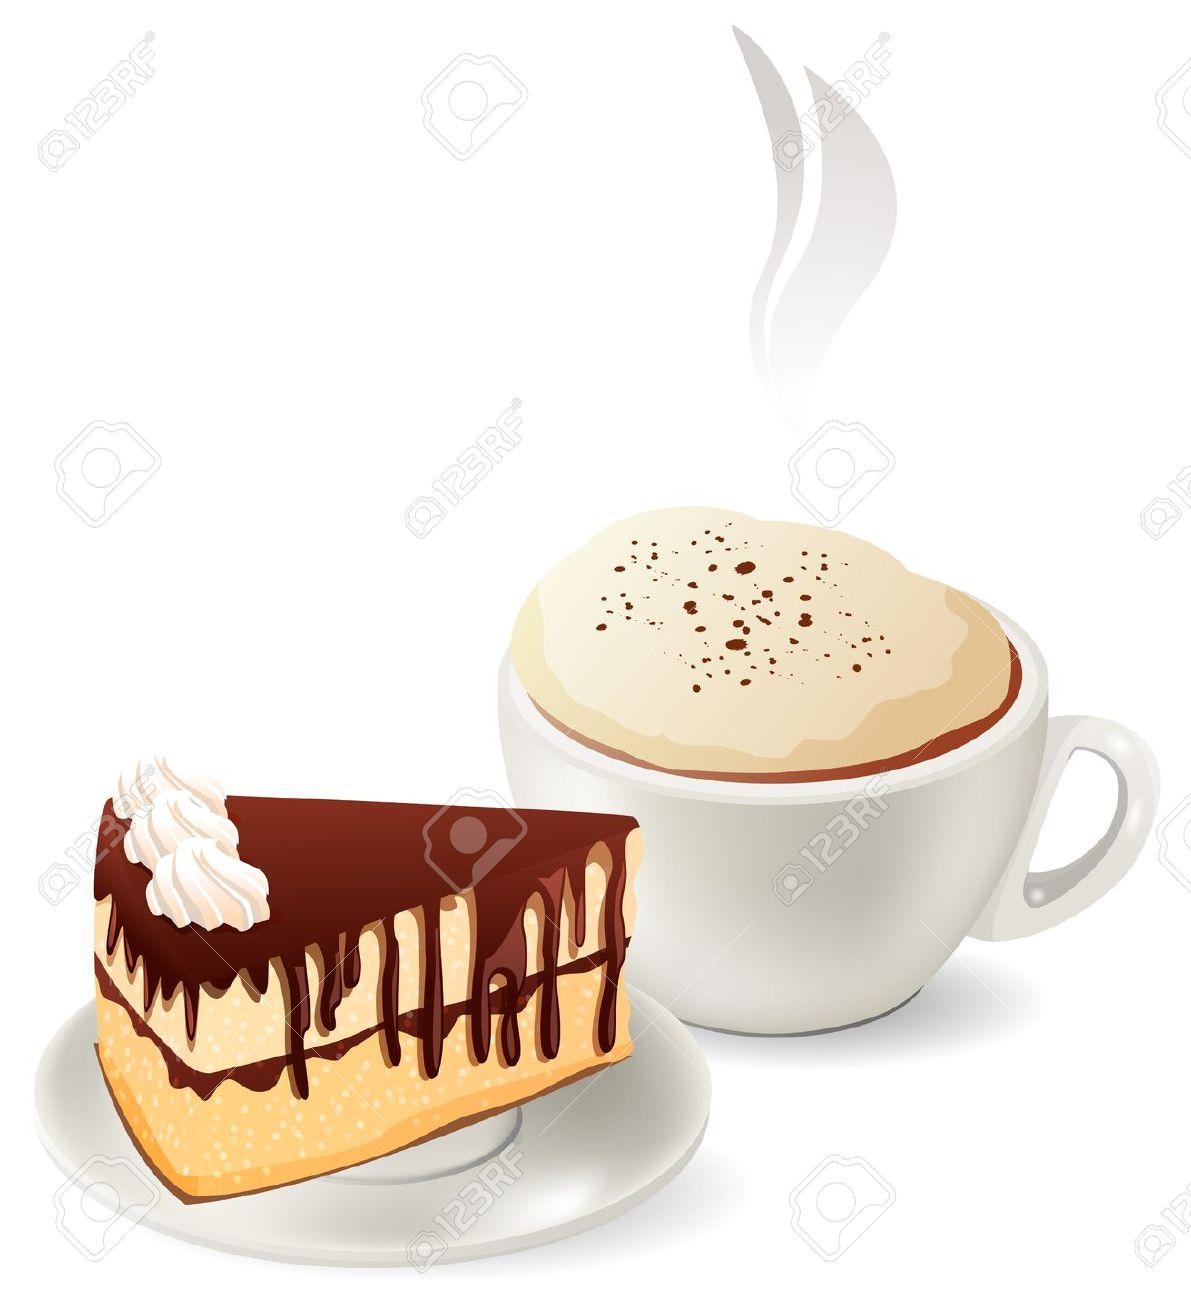 Kaffee Und Kuchen Clipart Schwarz Weiß